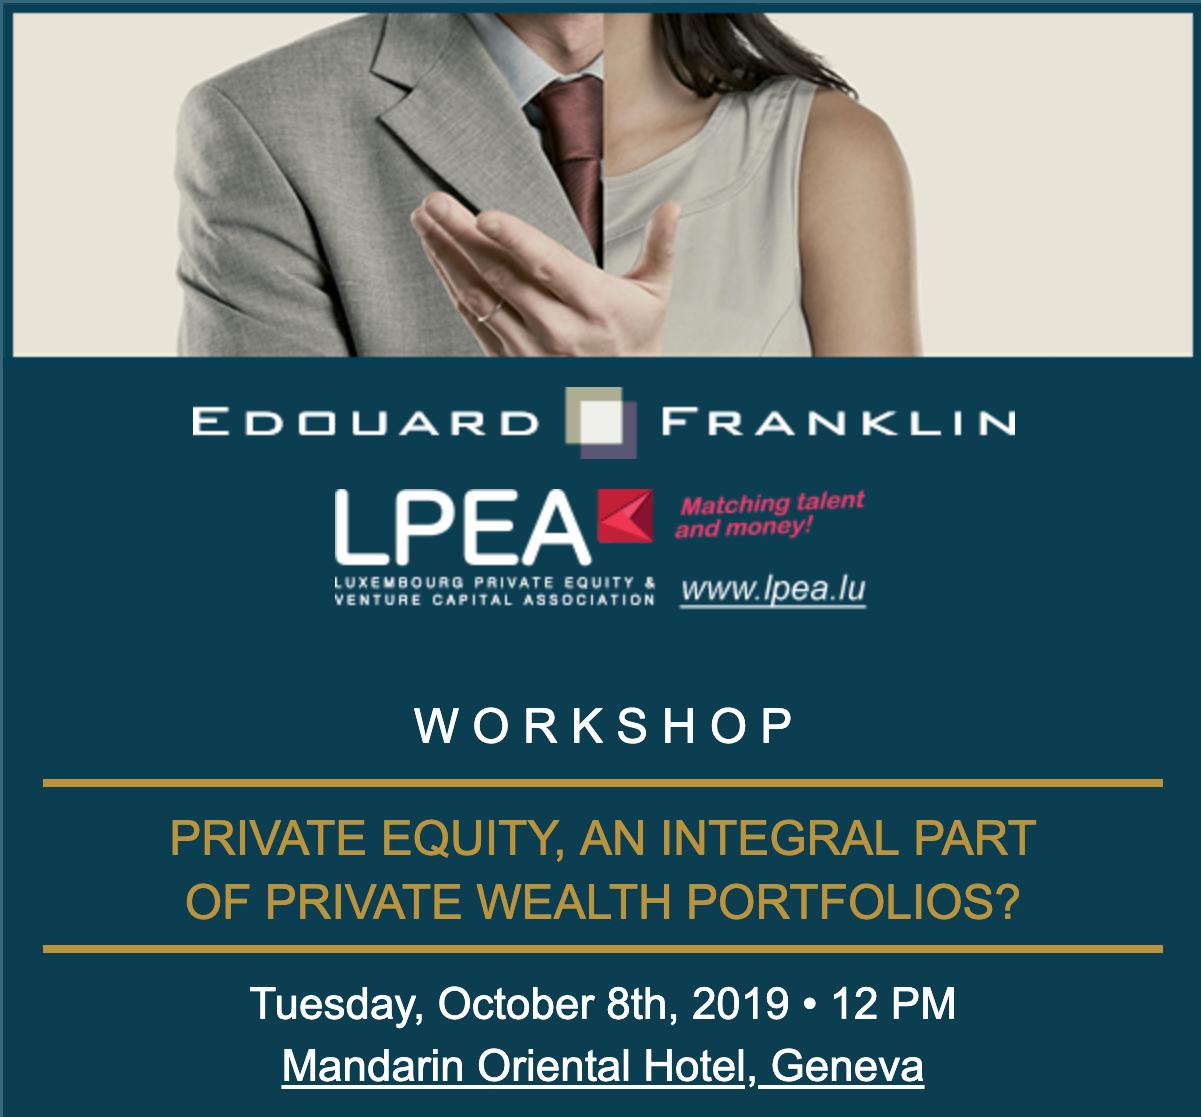 eduard franklin conference 1st part of banner